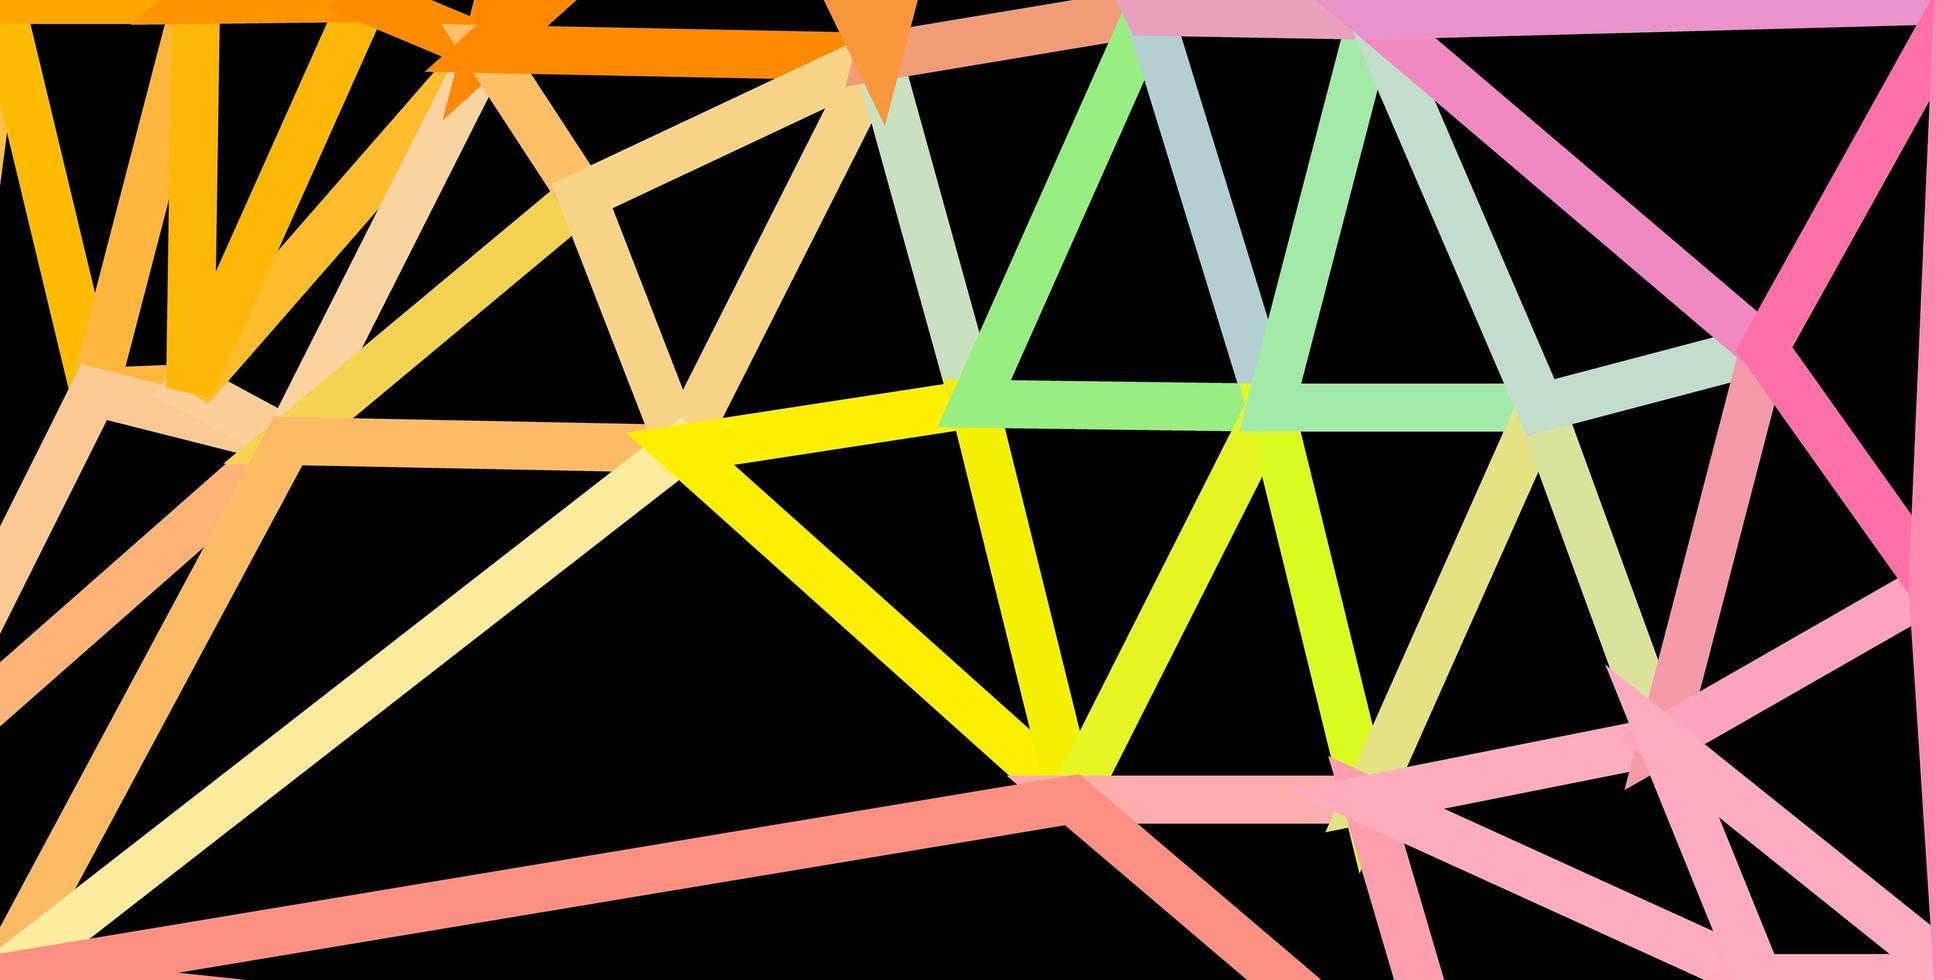 plantilla de triángulo de poli vector verde claro, rojo.